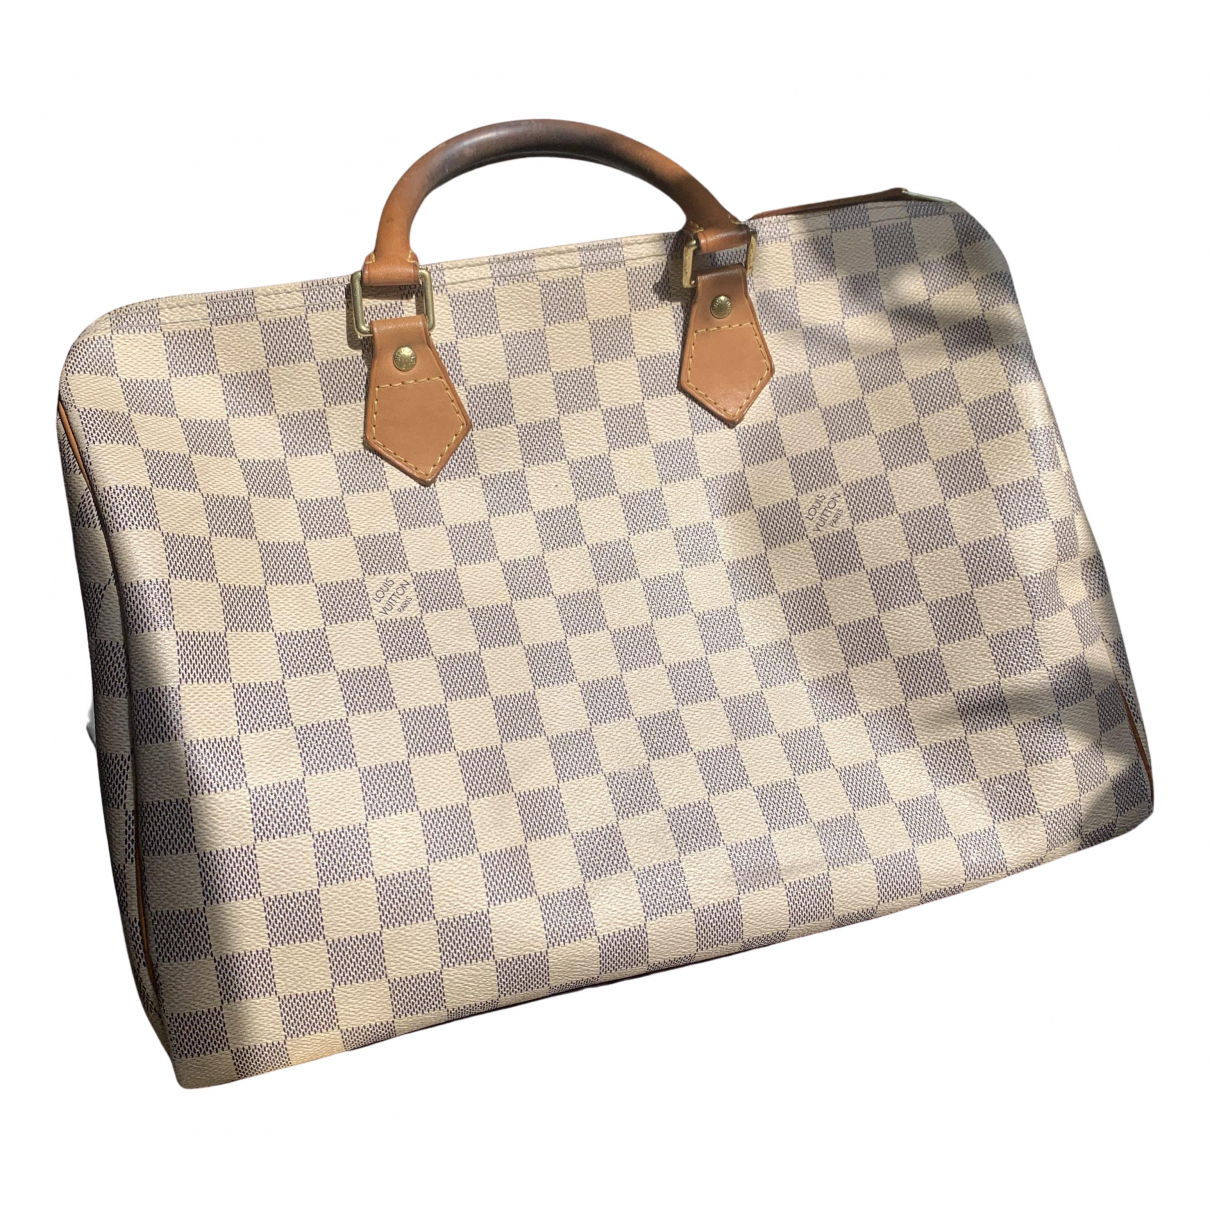 Louis Vuitton Speedy Handtasche in  Ecru Leinen